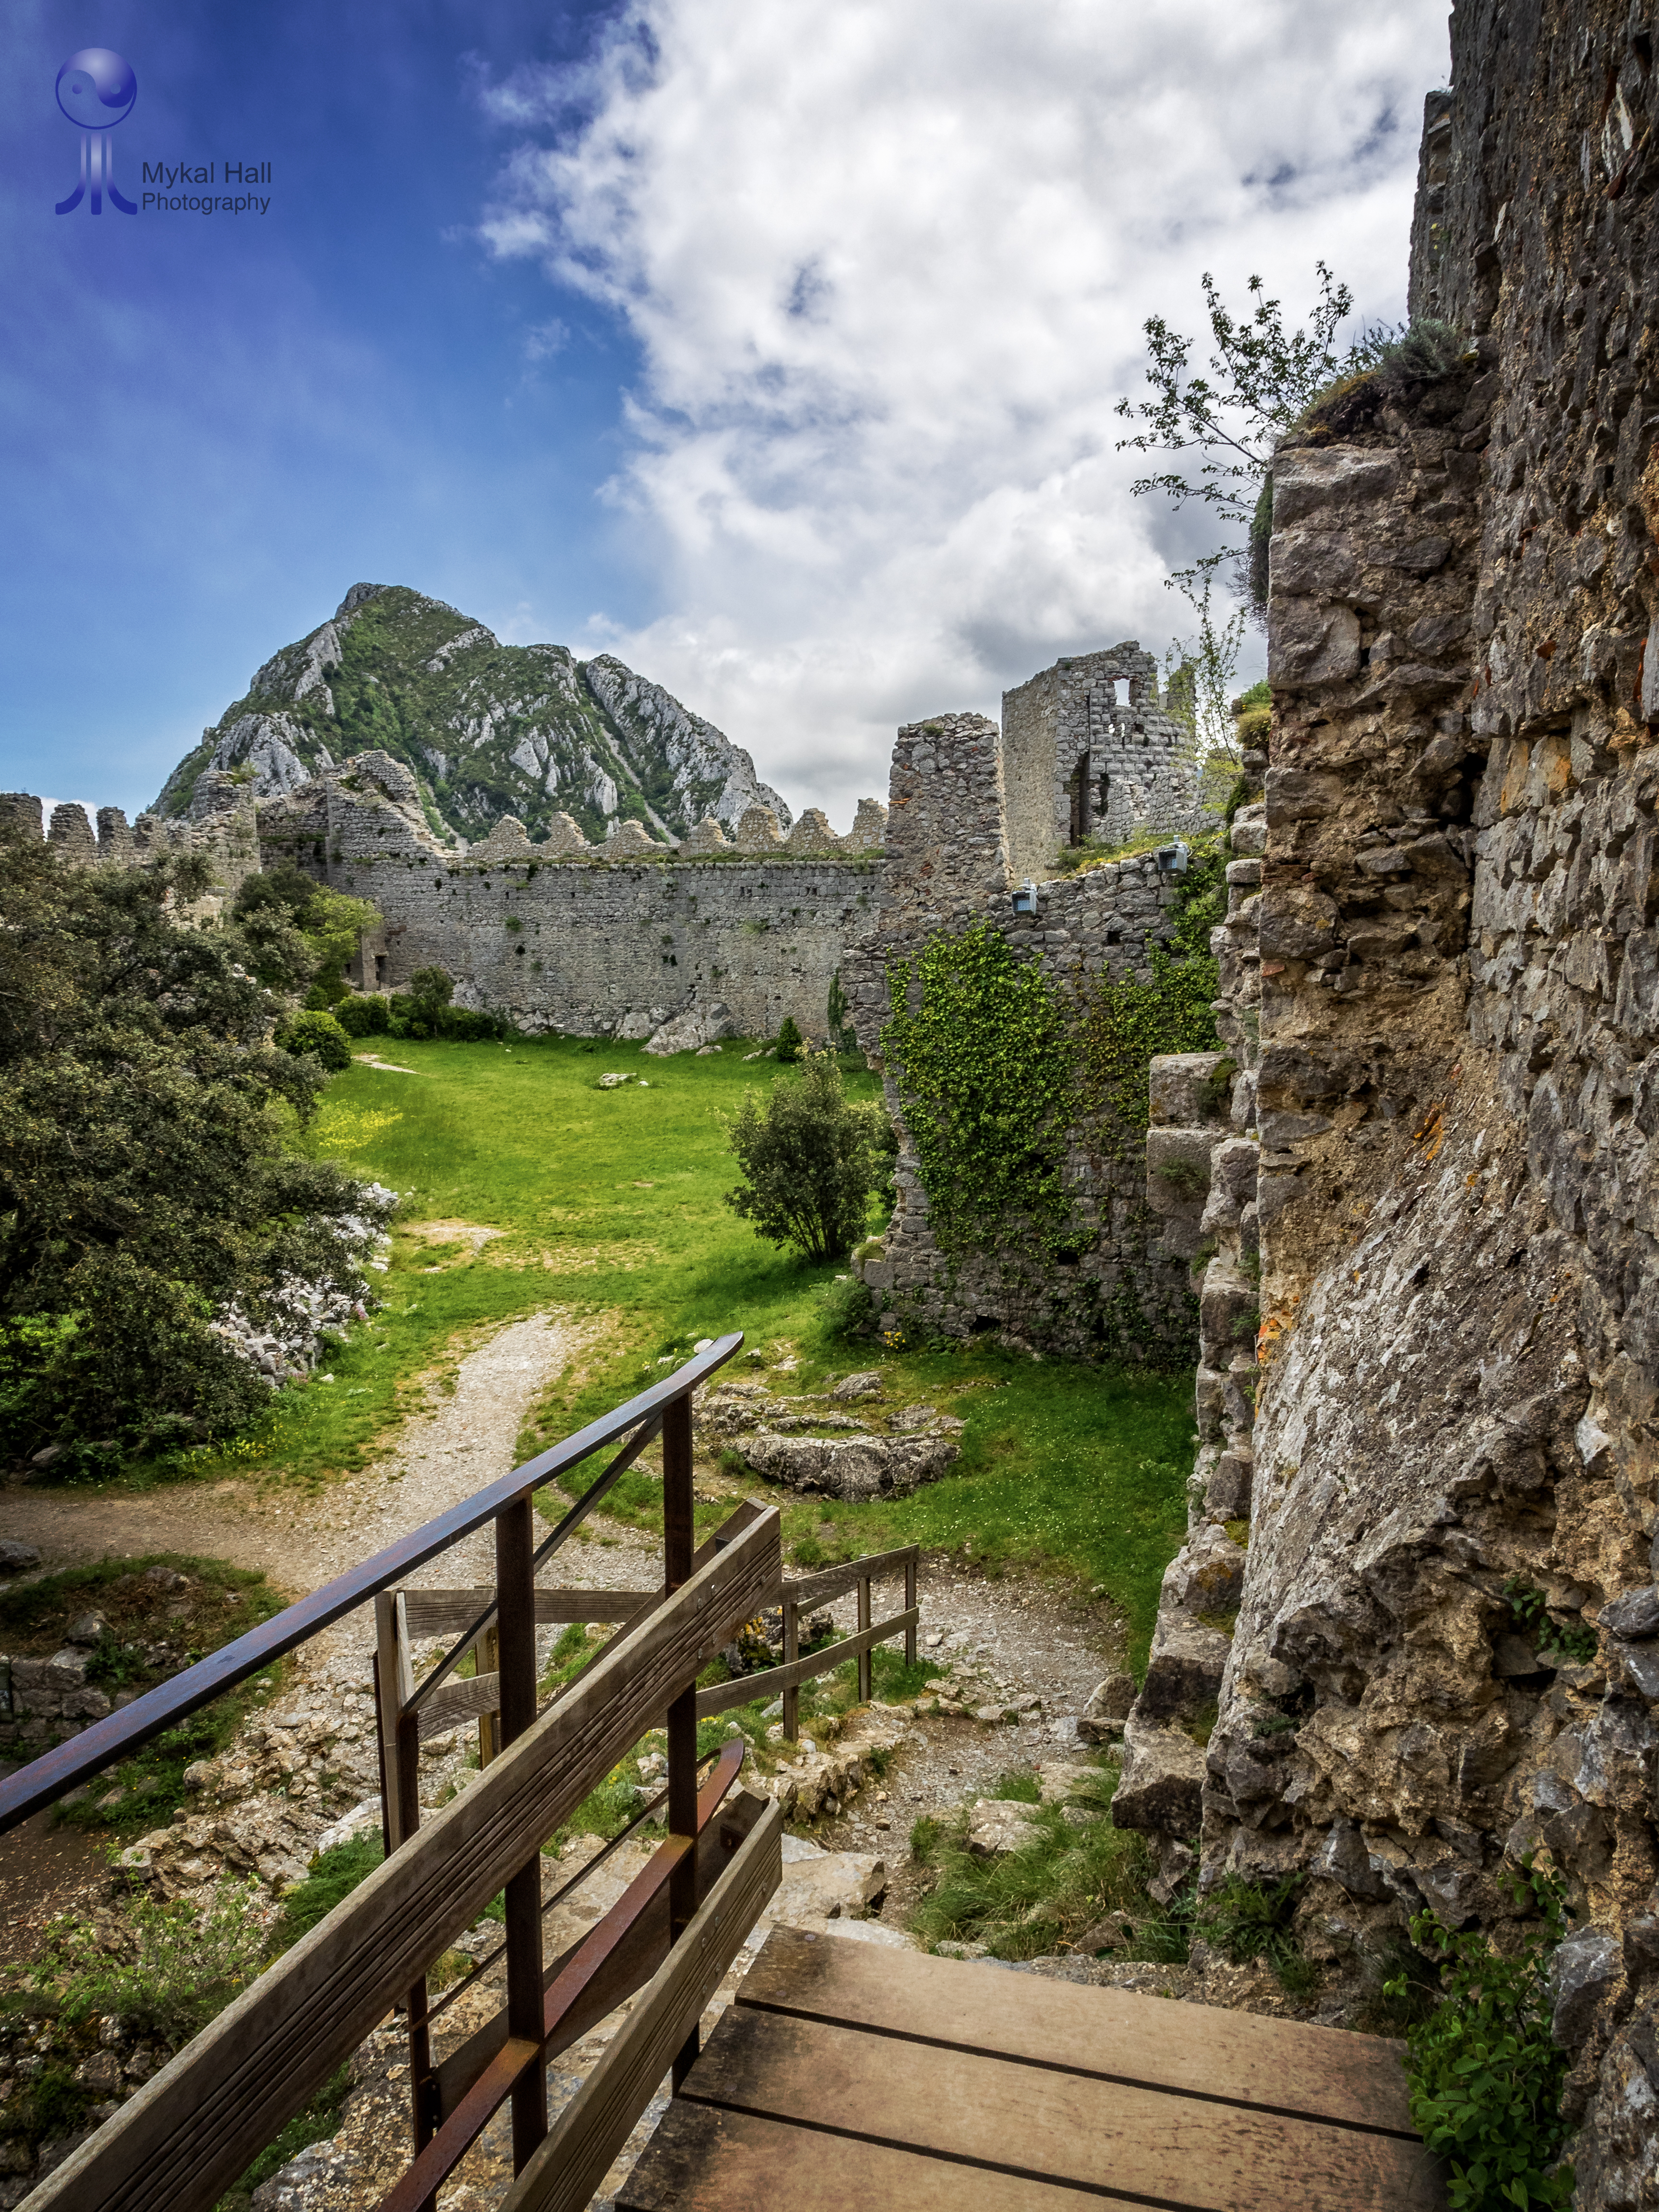 Chateau de Puilaurens, France